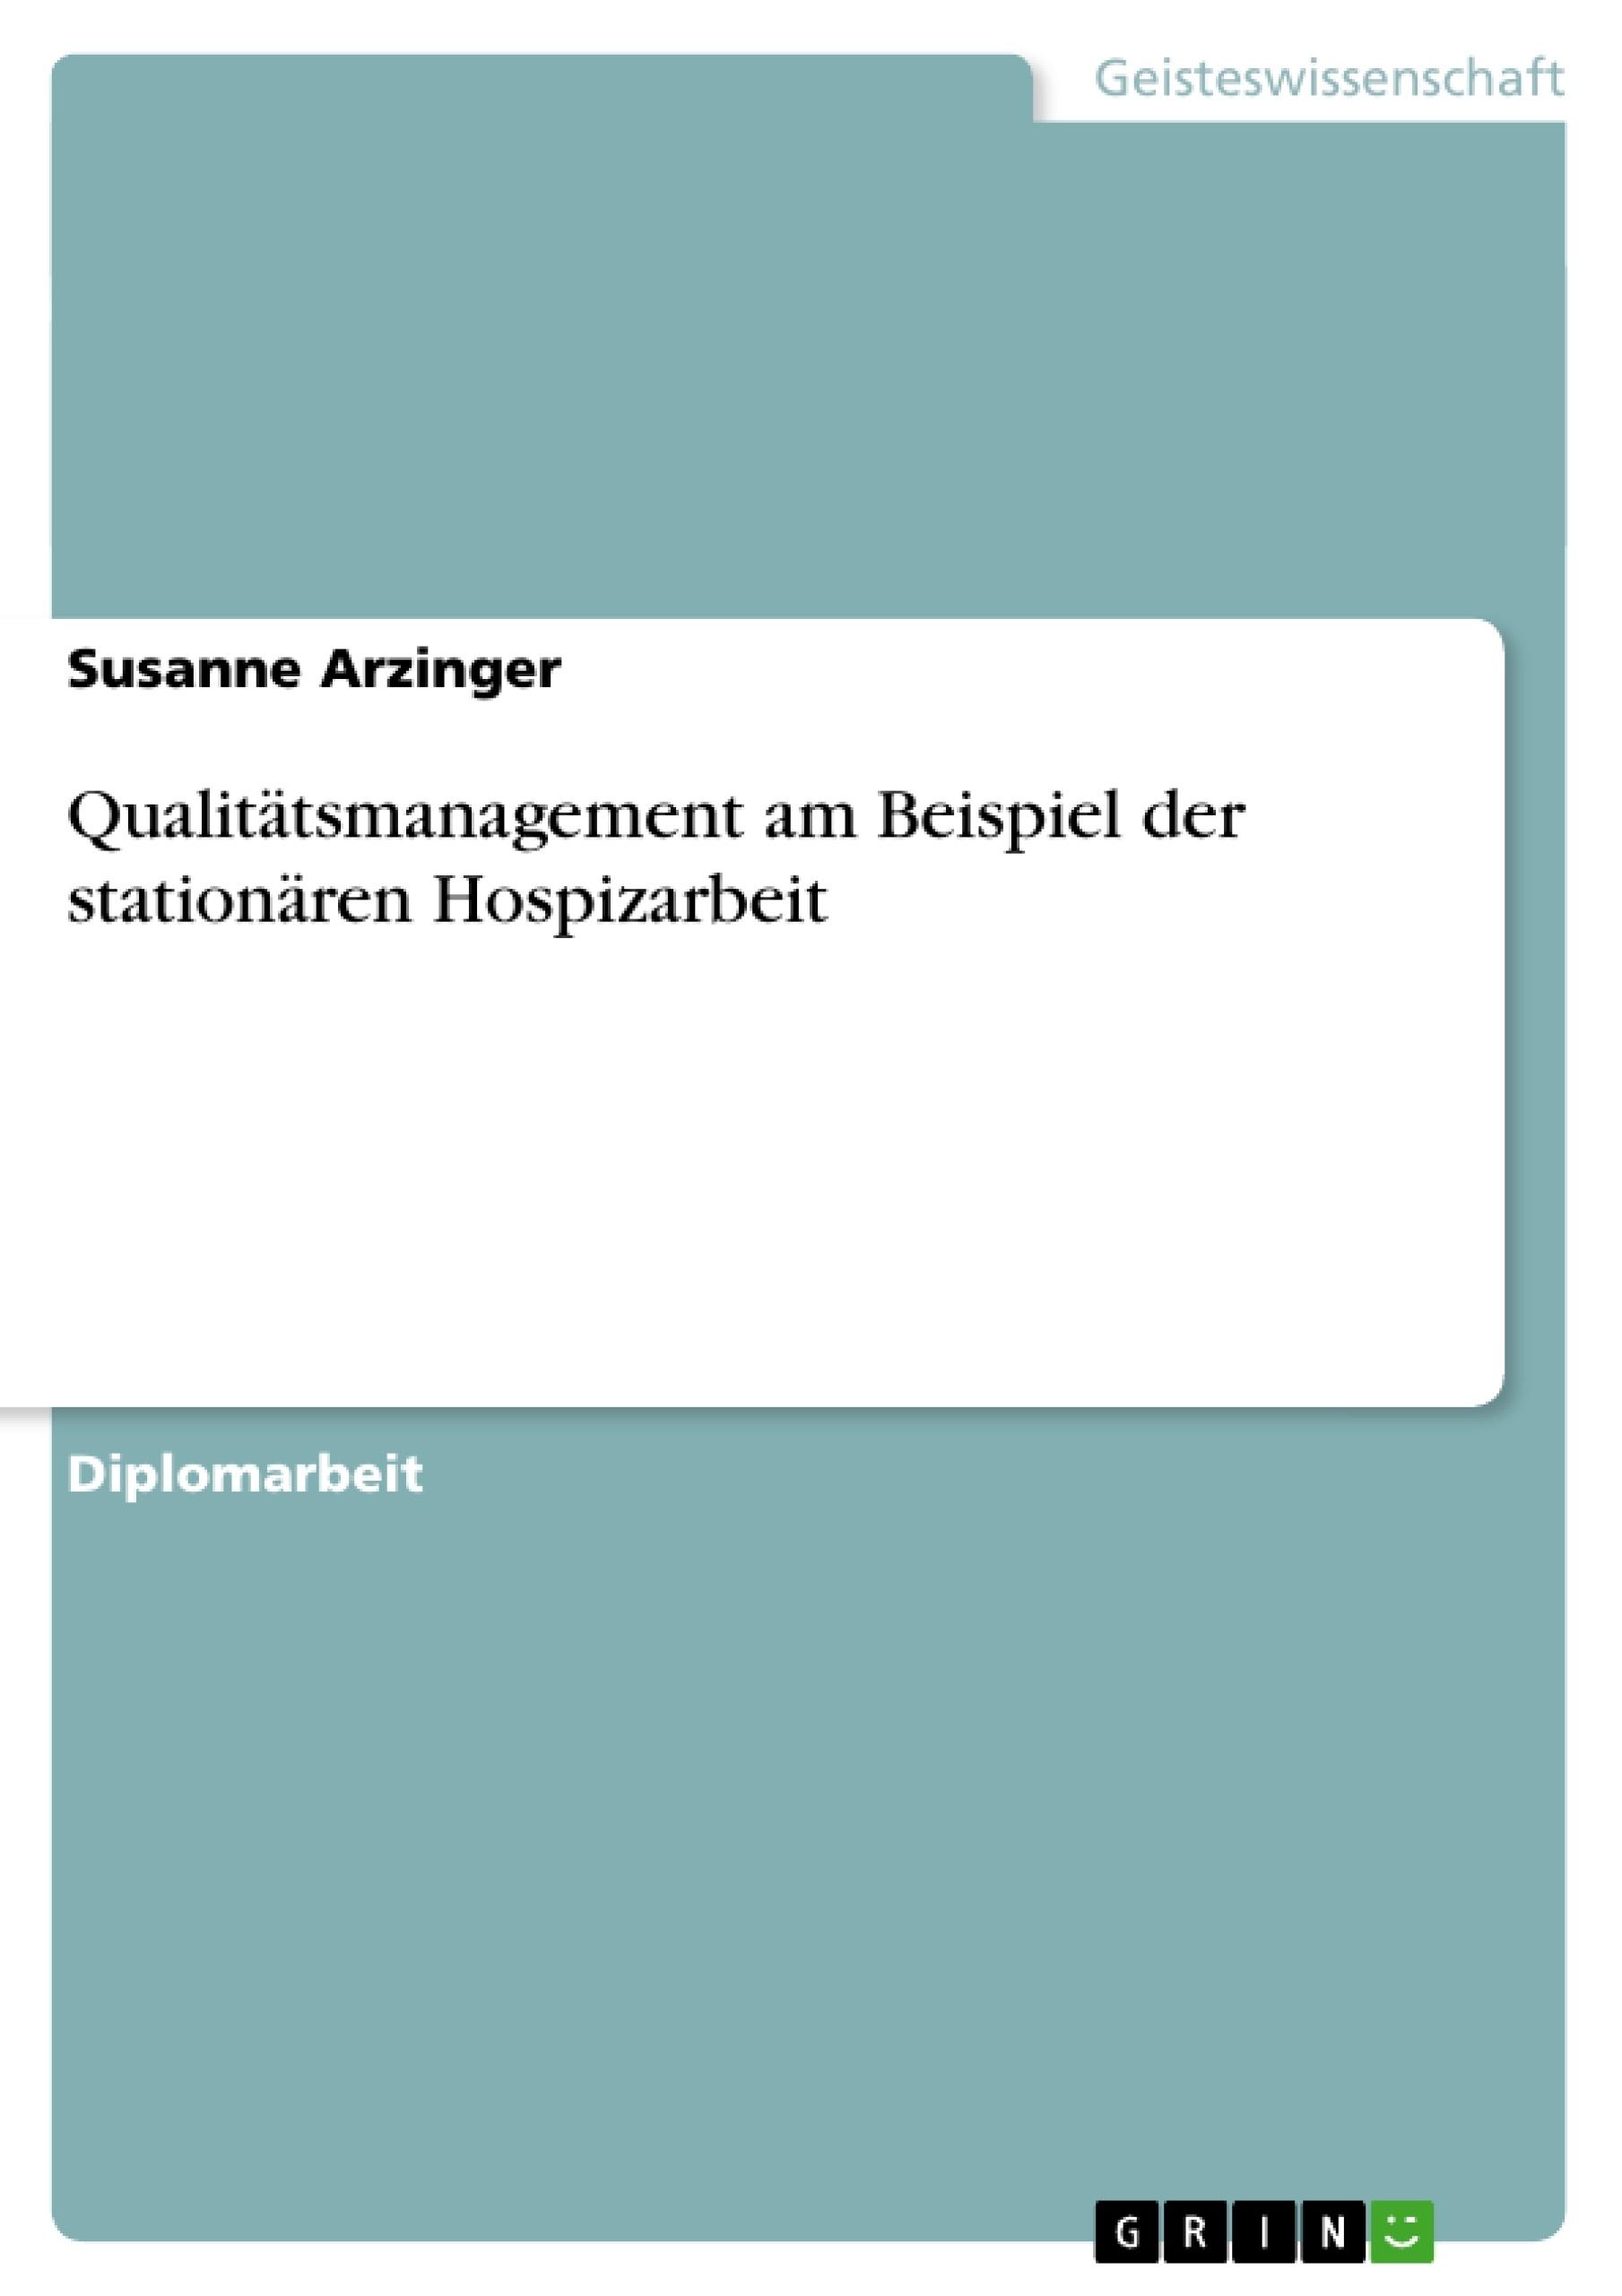 Titel: Qualitätsmanagement am Beispiel der stationären Hospizarbeit